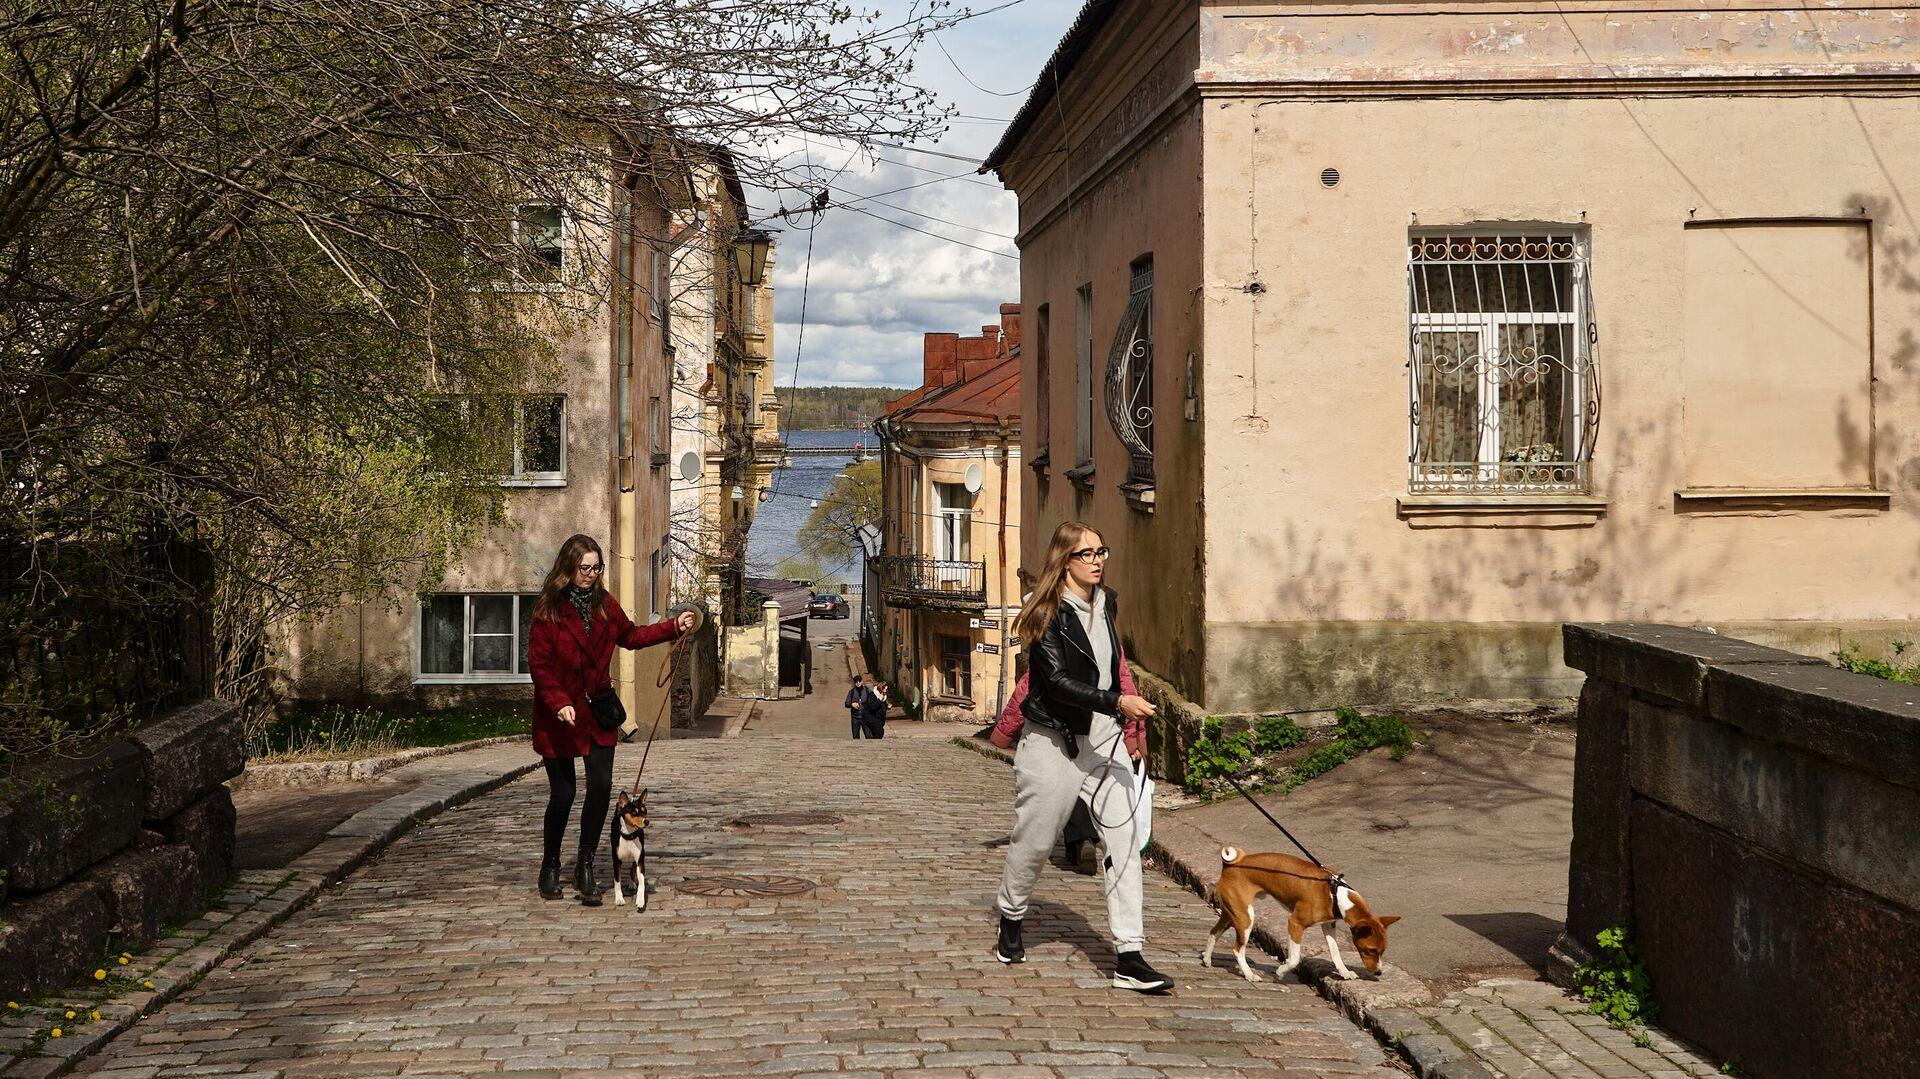 Девушки с собаками в центральной части Выборга - РИА Новости, 1920, 16.04.2021